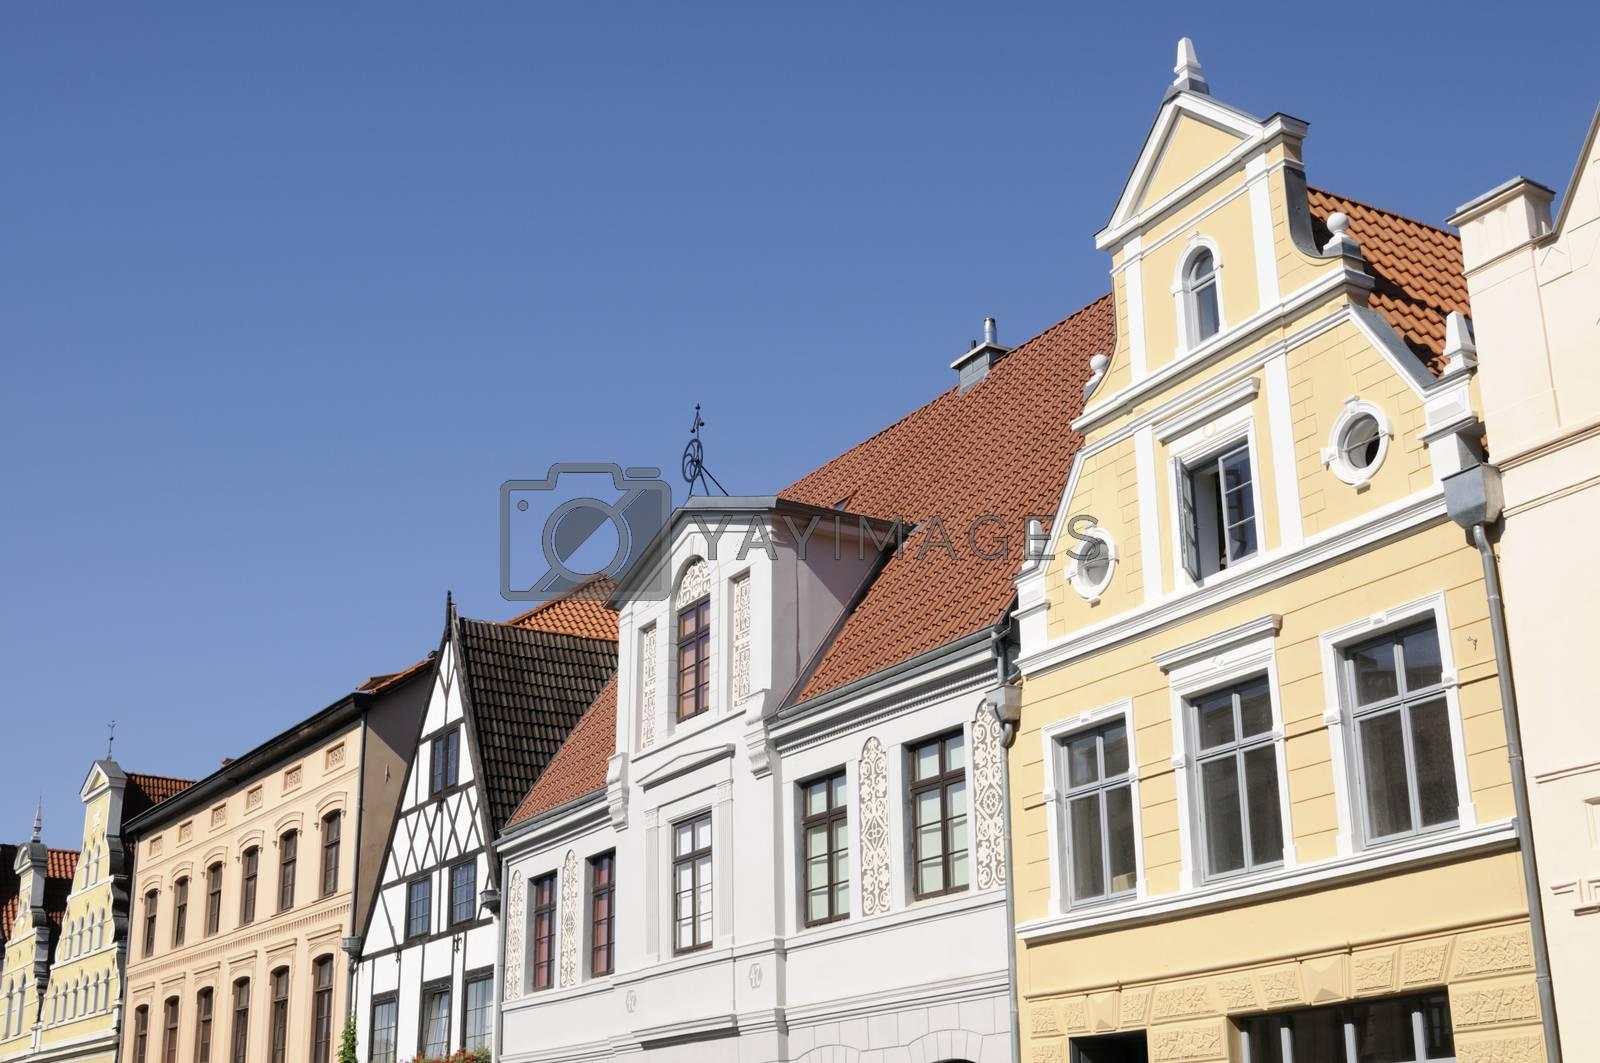 Row of houses in Wismar, Mecklenburg-Western Pomerania, Germany.